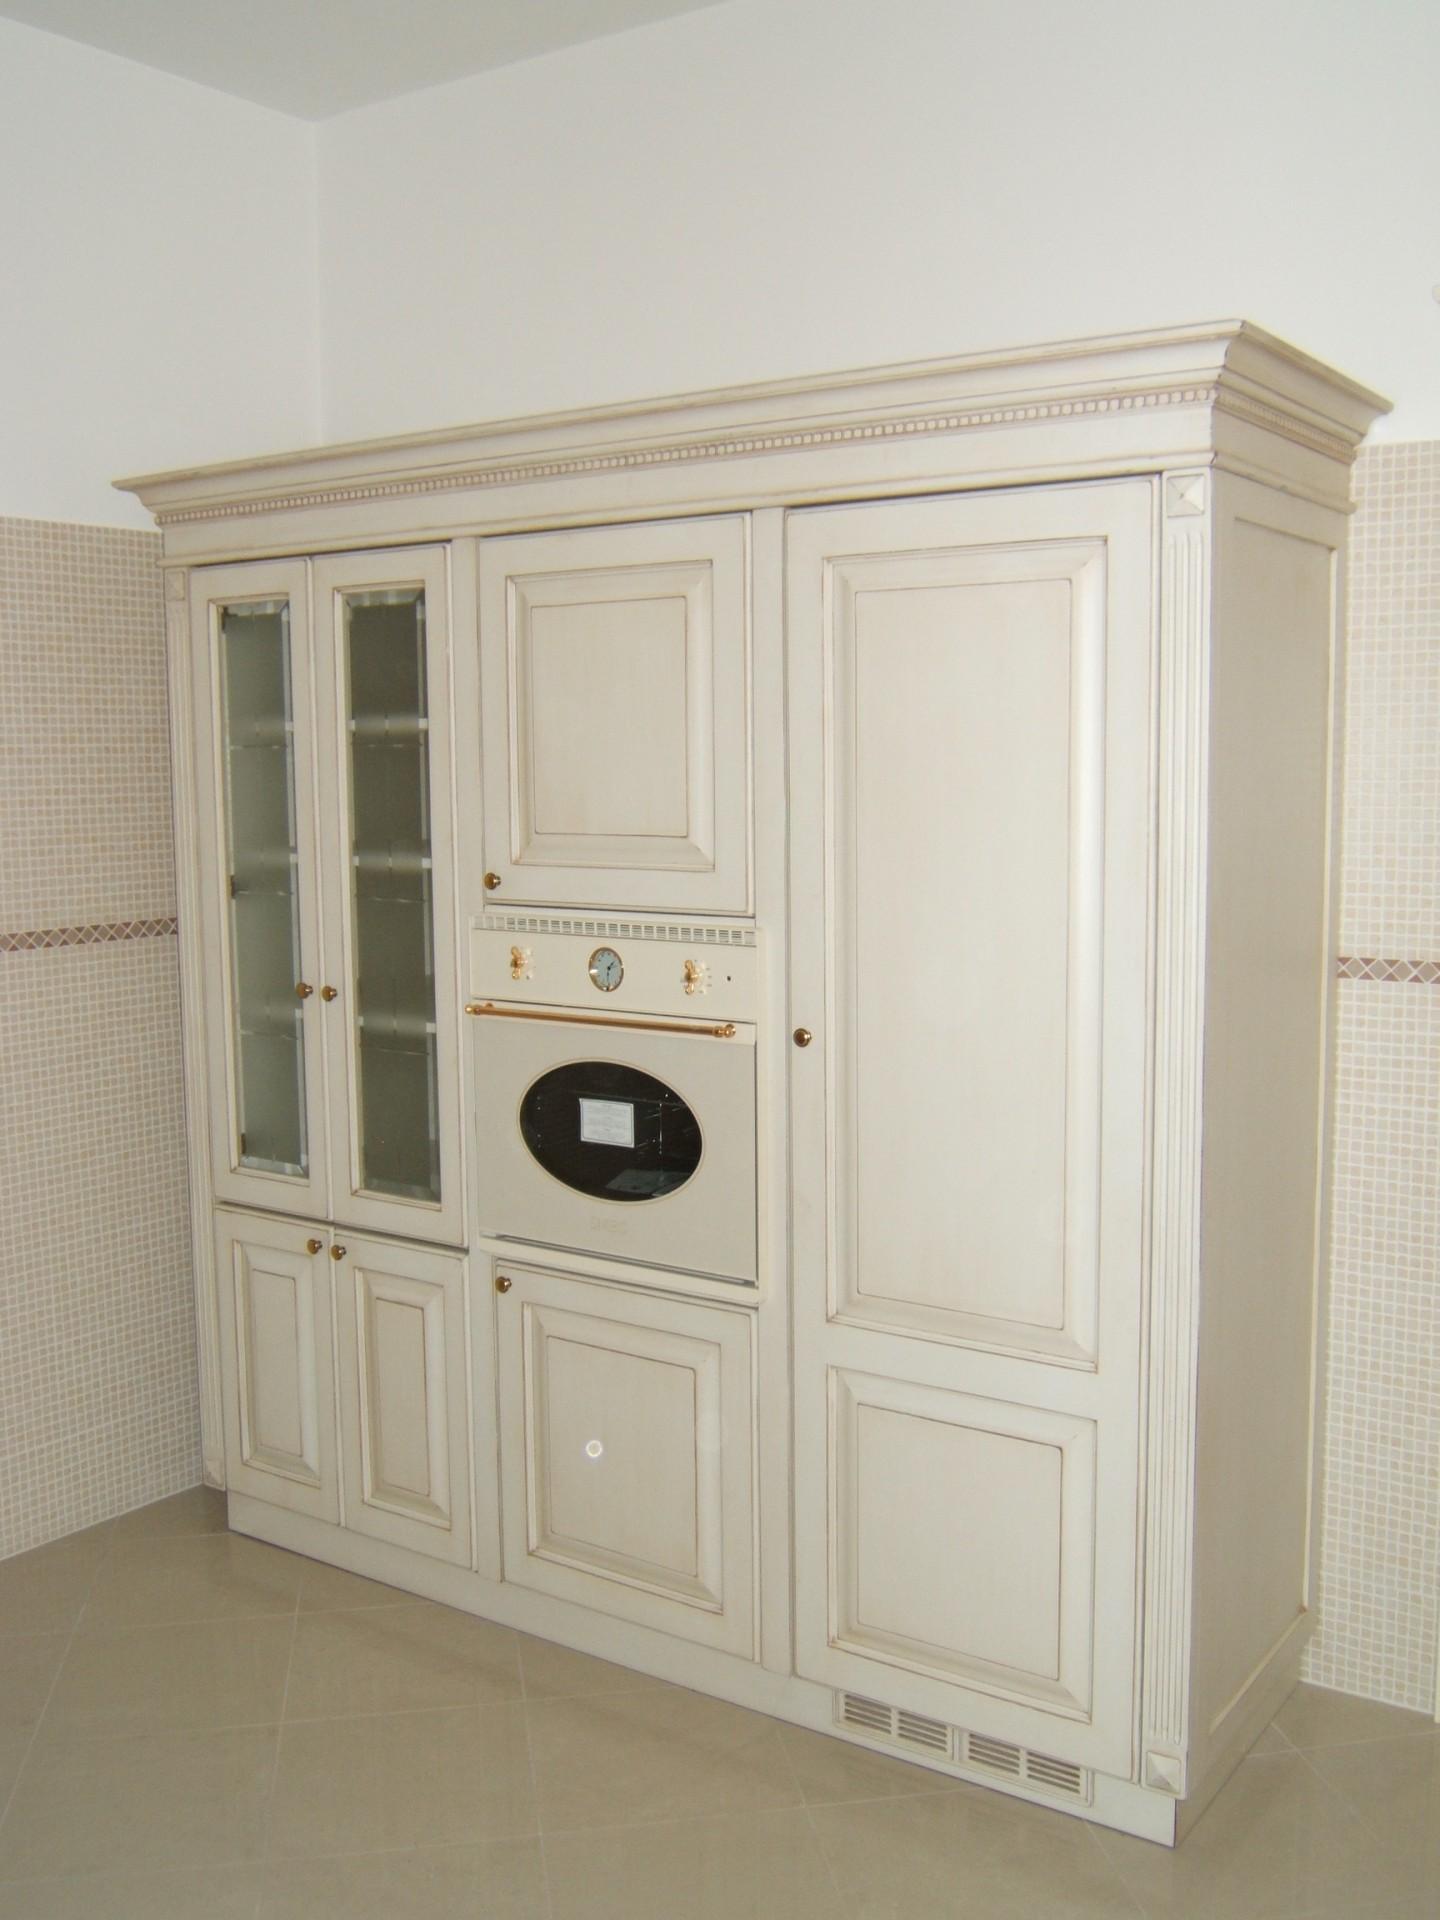 Mobile Dispensa Per Cucina Scavolini Idee Di Interior Design